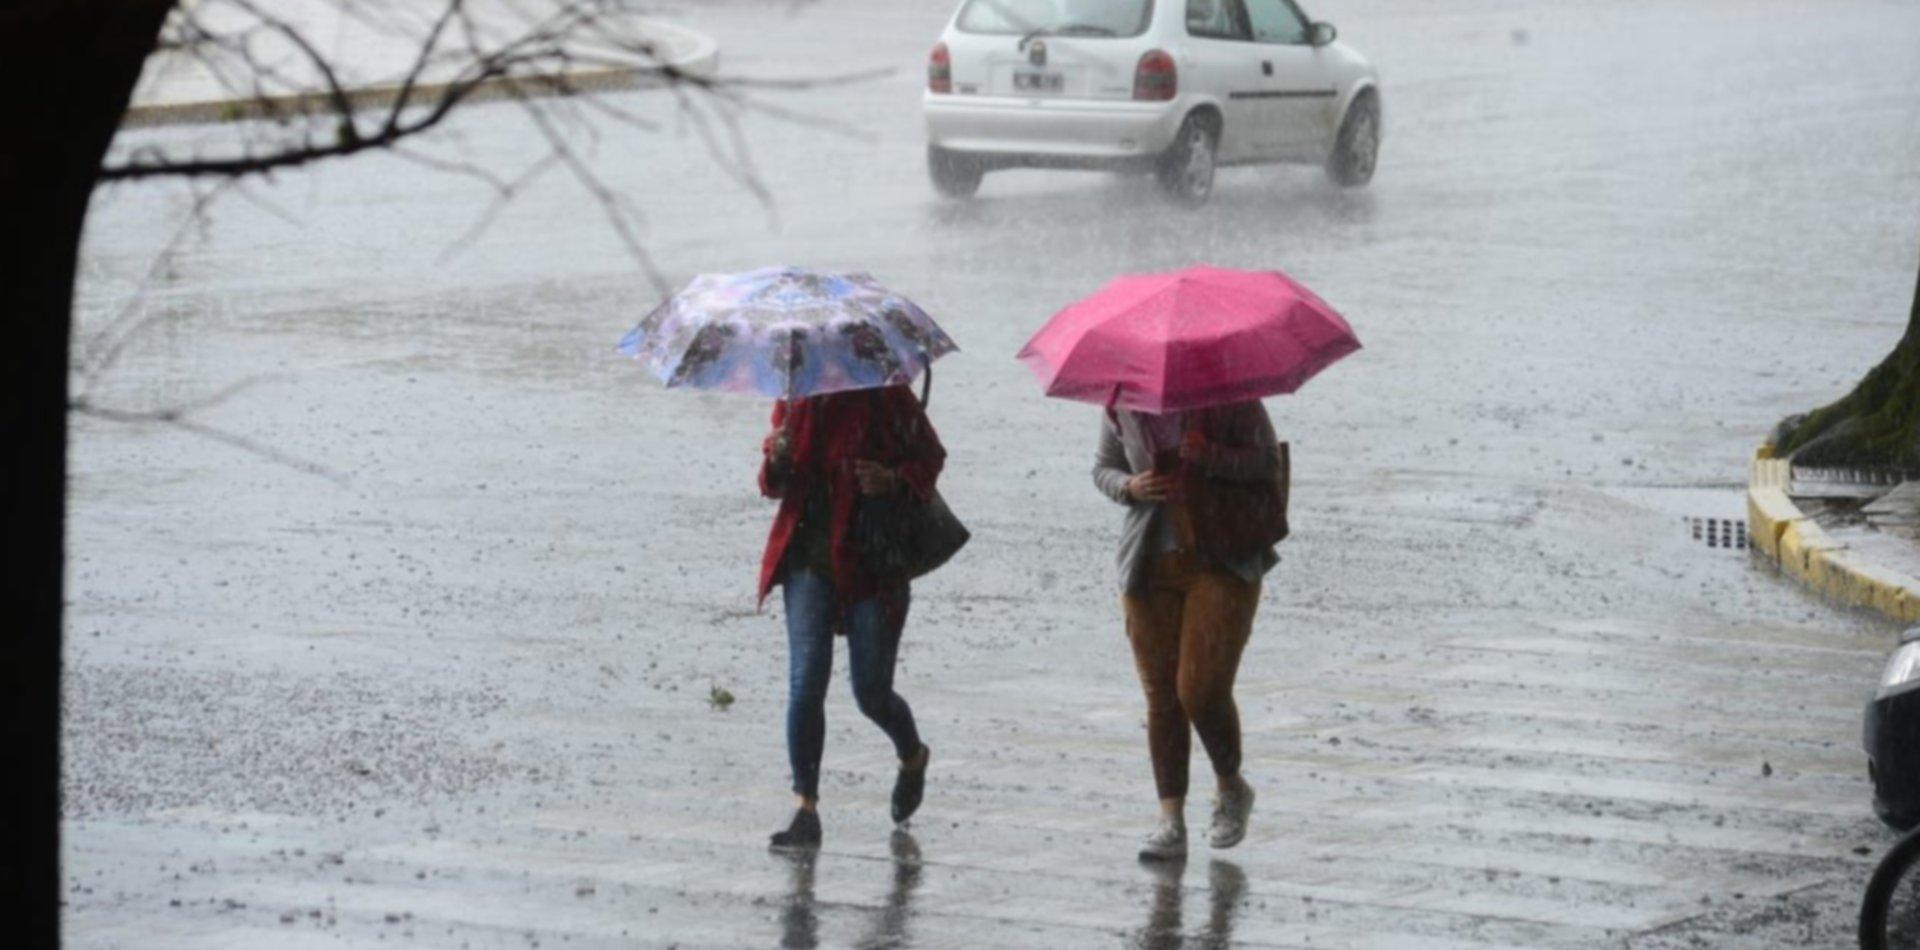 Barrio por barrio, revelan cuánto llovió hasta ahora en La Plata